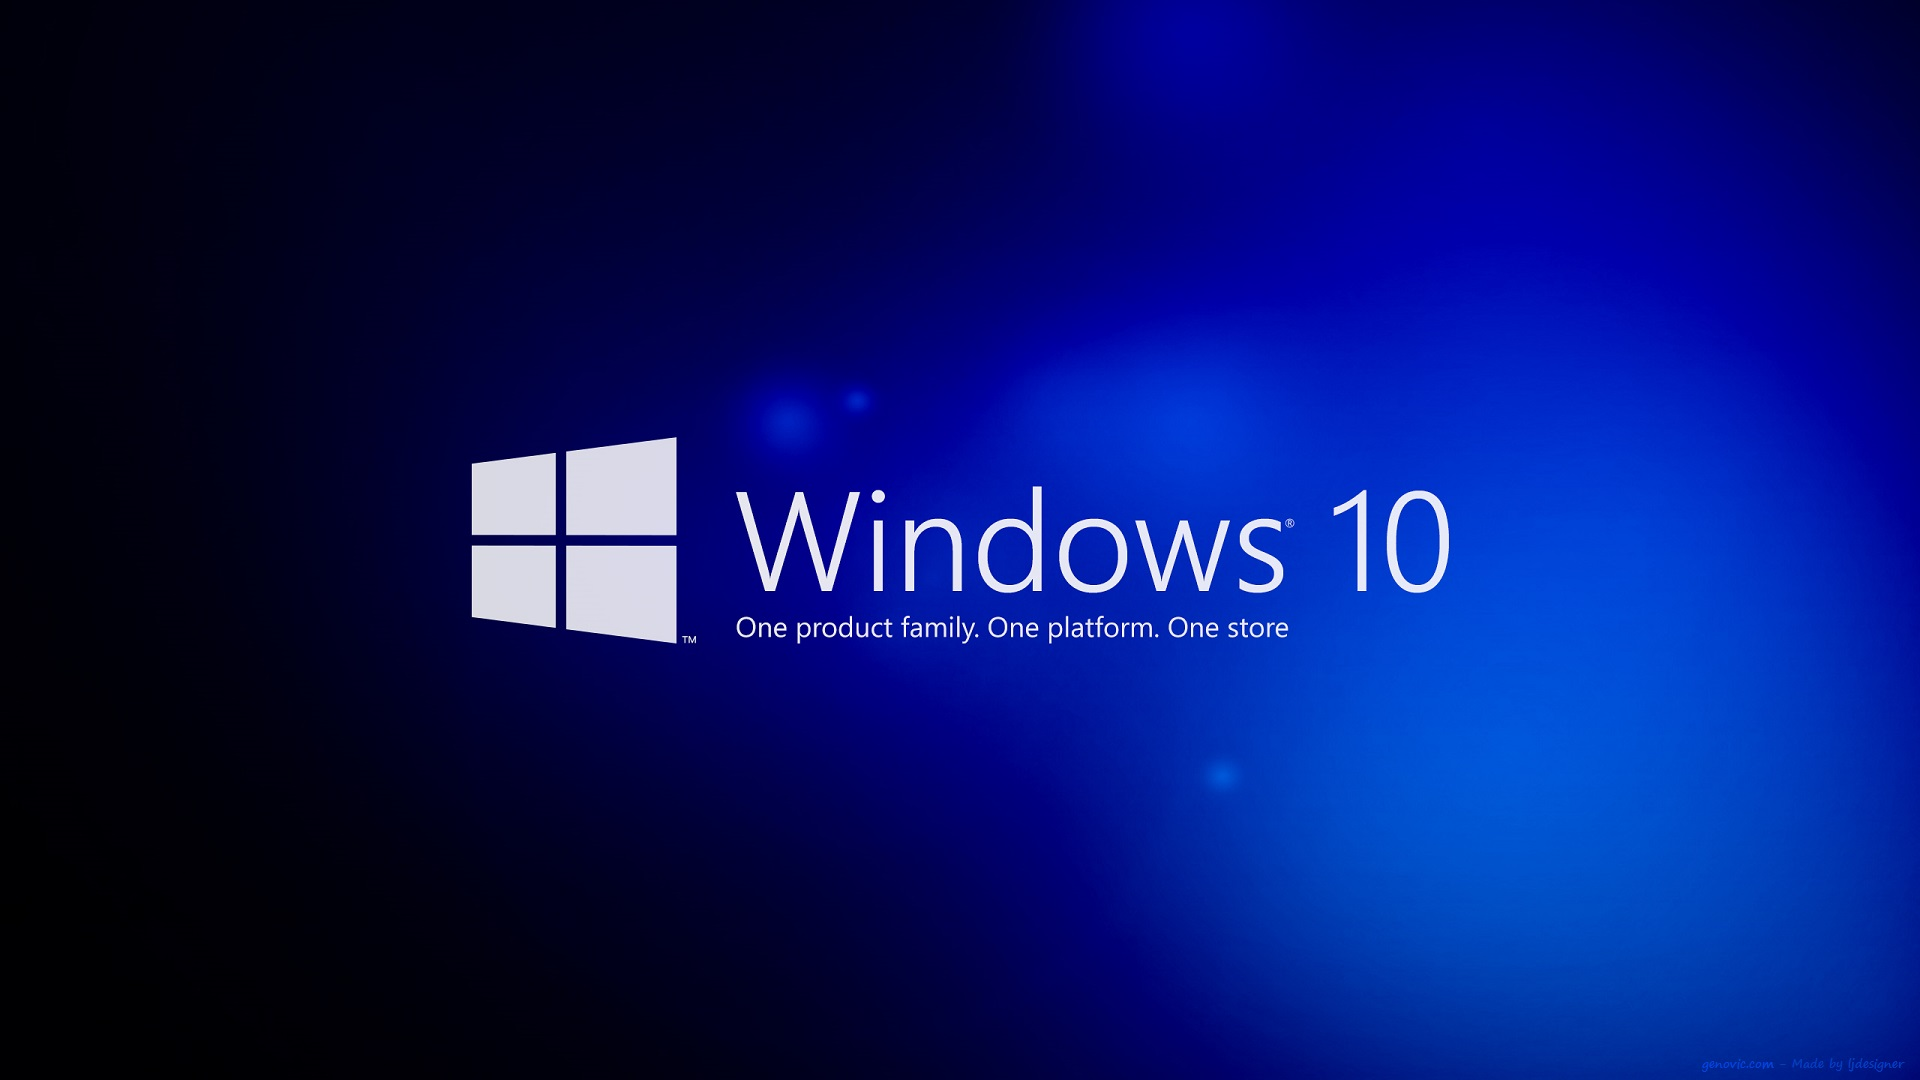 15 Top Windows 10 Wallpapers 1920x1080